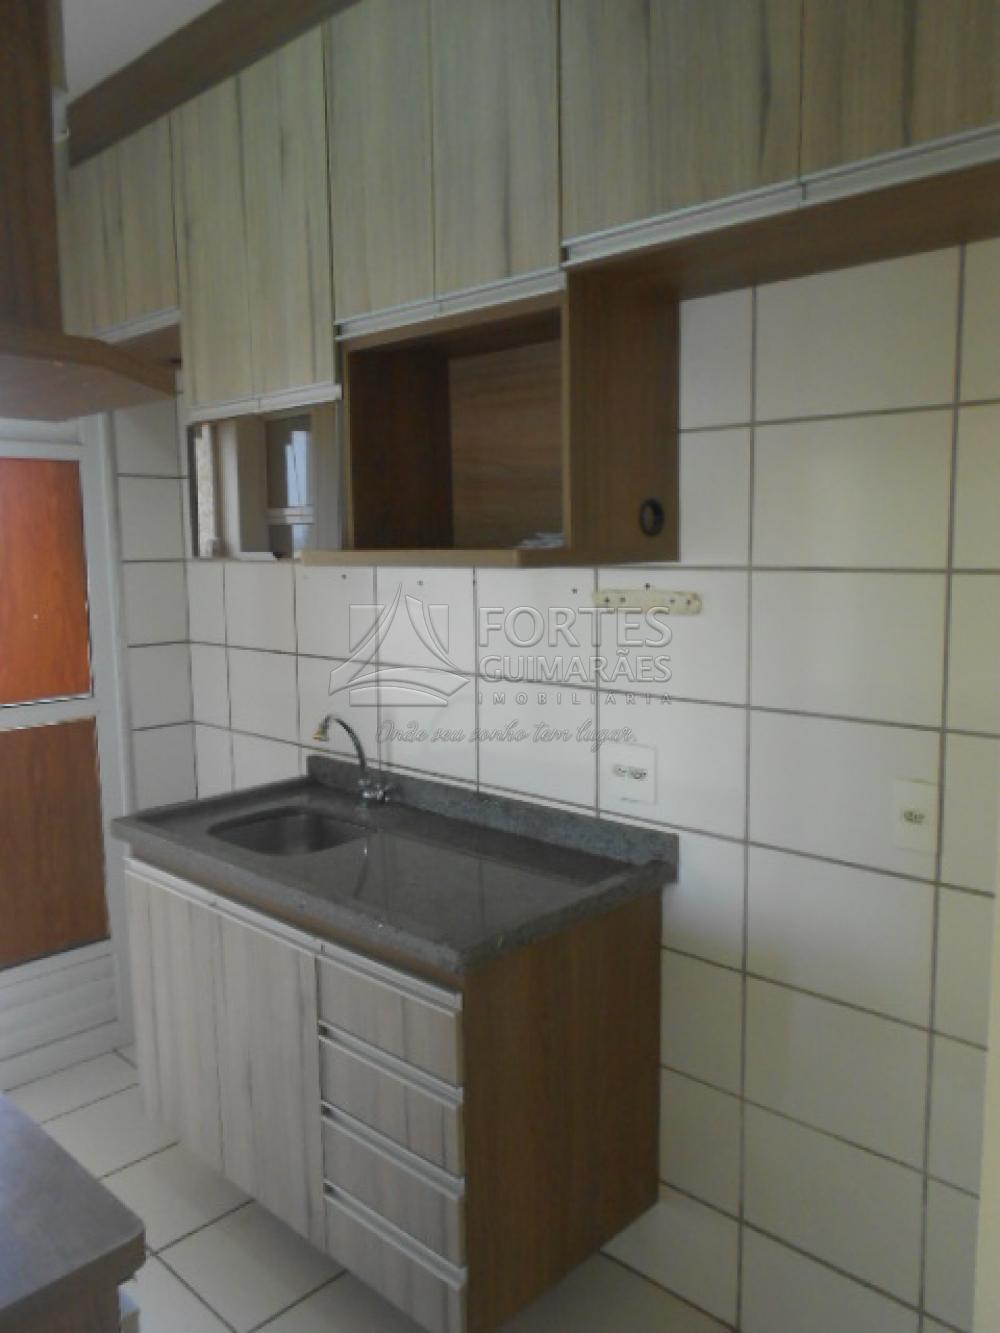 Alugar Apartamentos / Padrão em Ribeirão Preto apenas R$ 1.200,00 - Foto 28